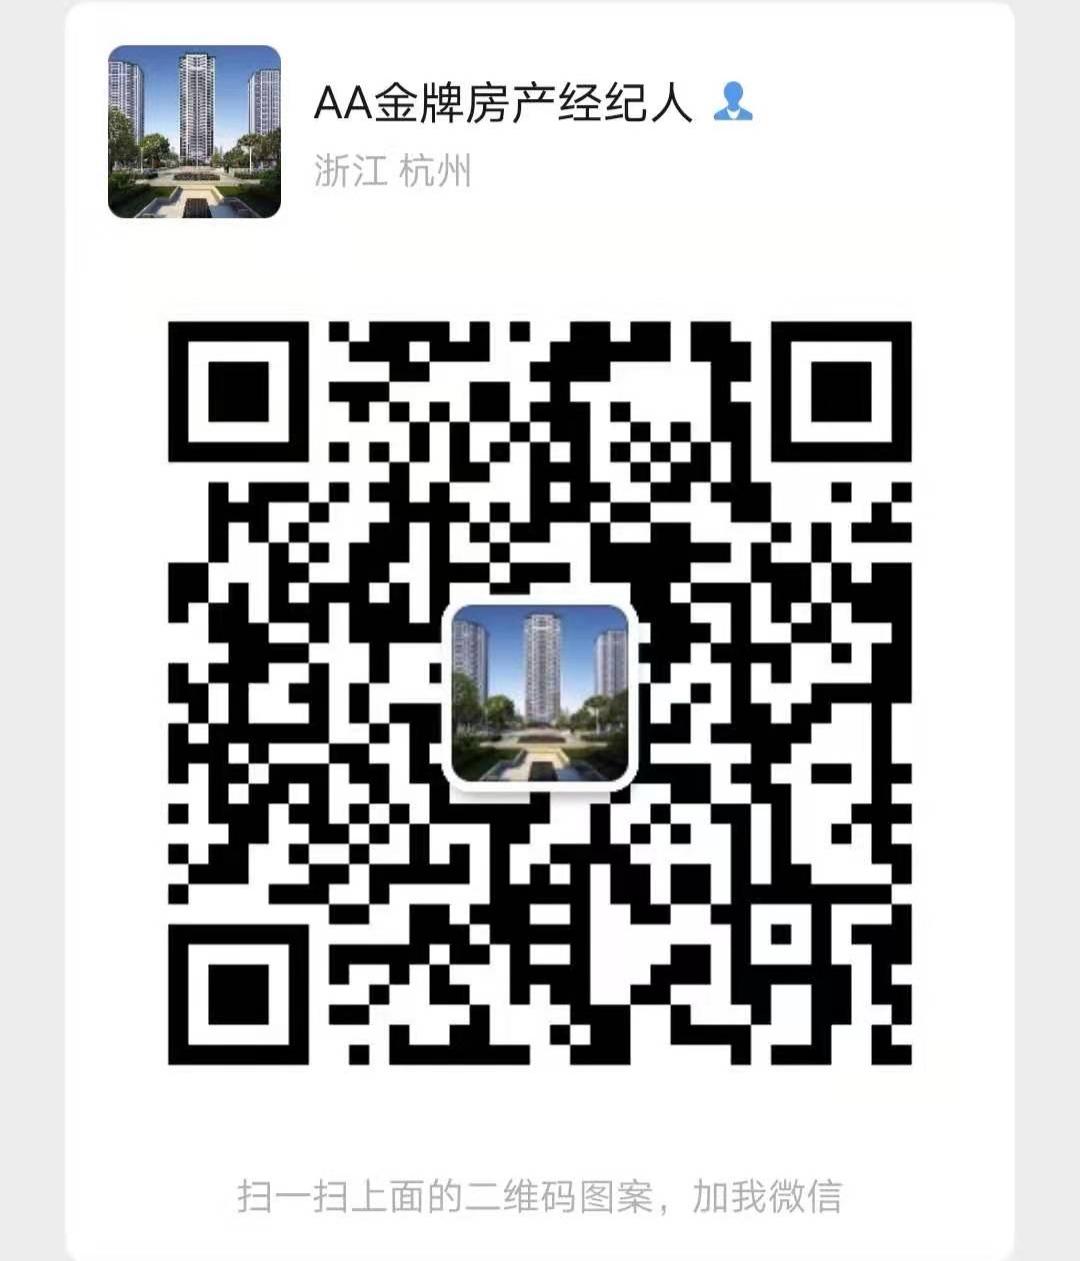 杭州毅豪房产咨询有限公司